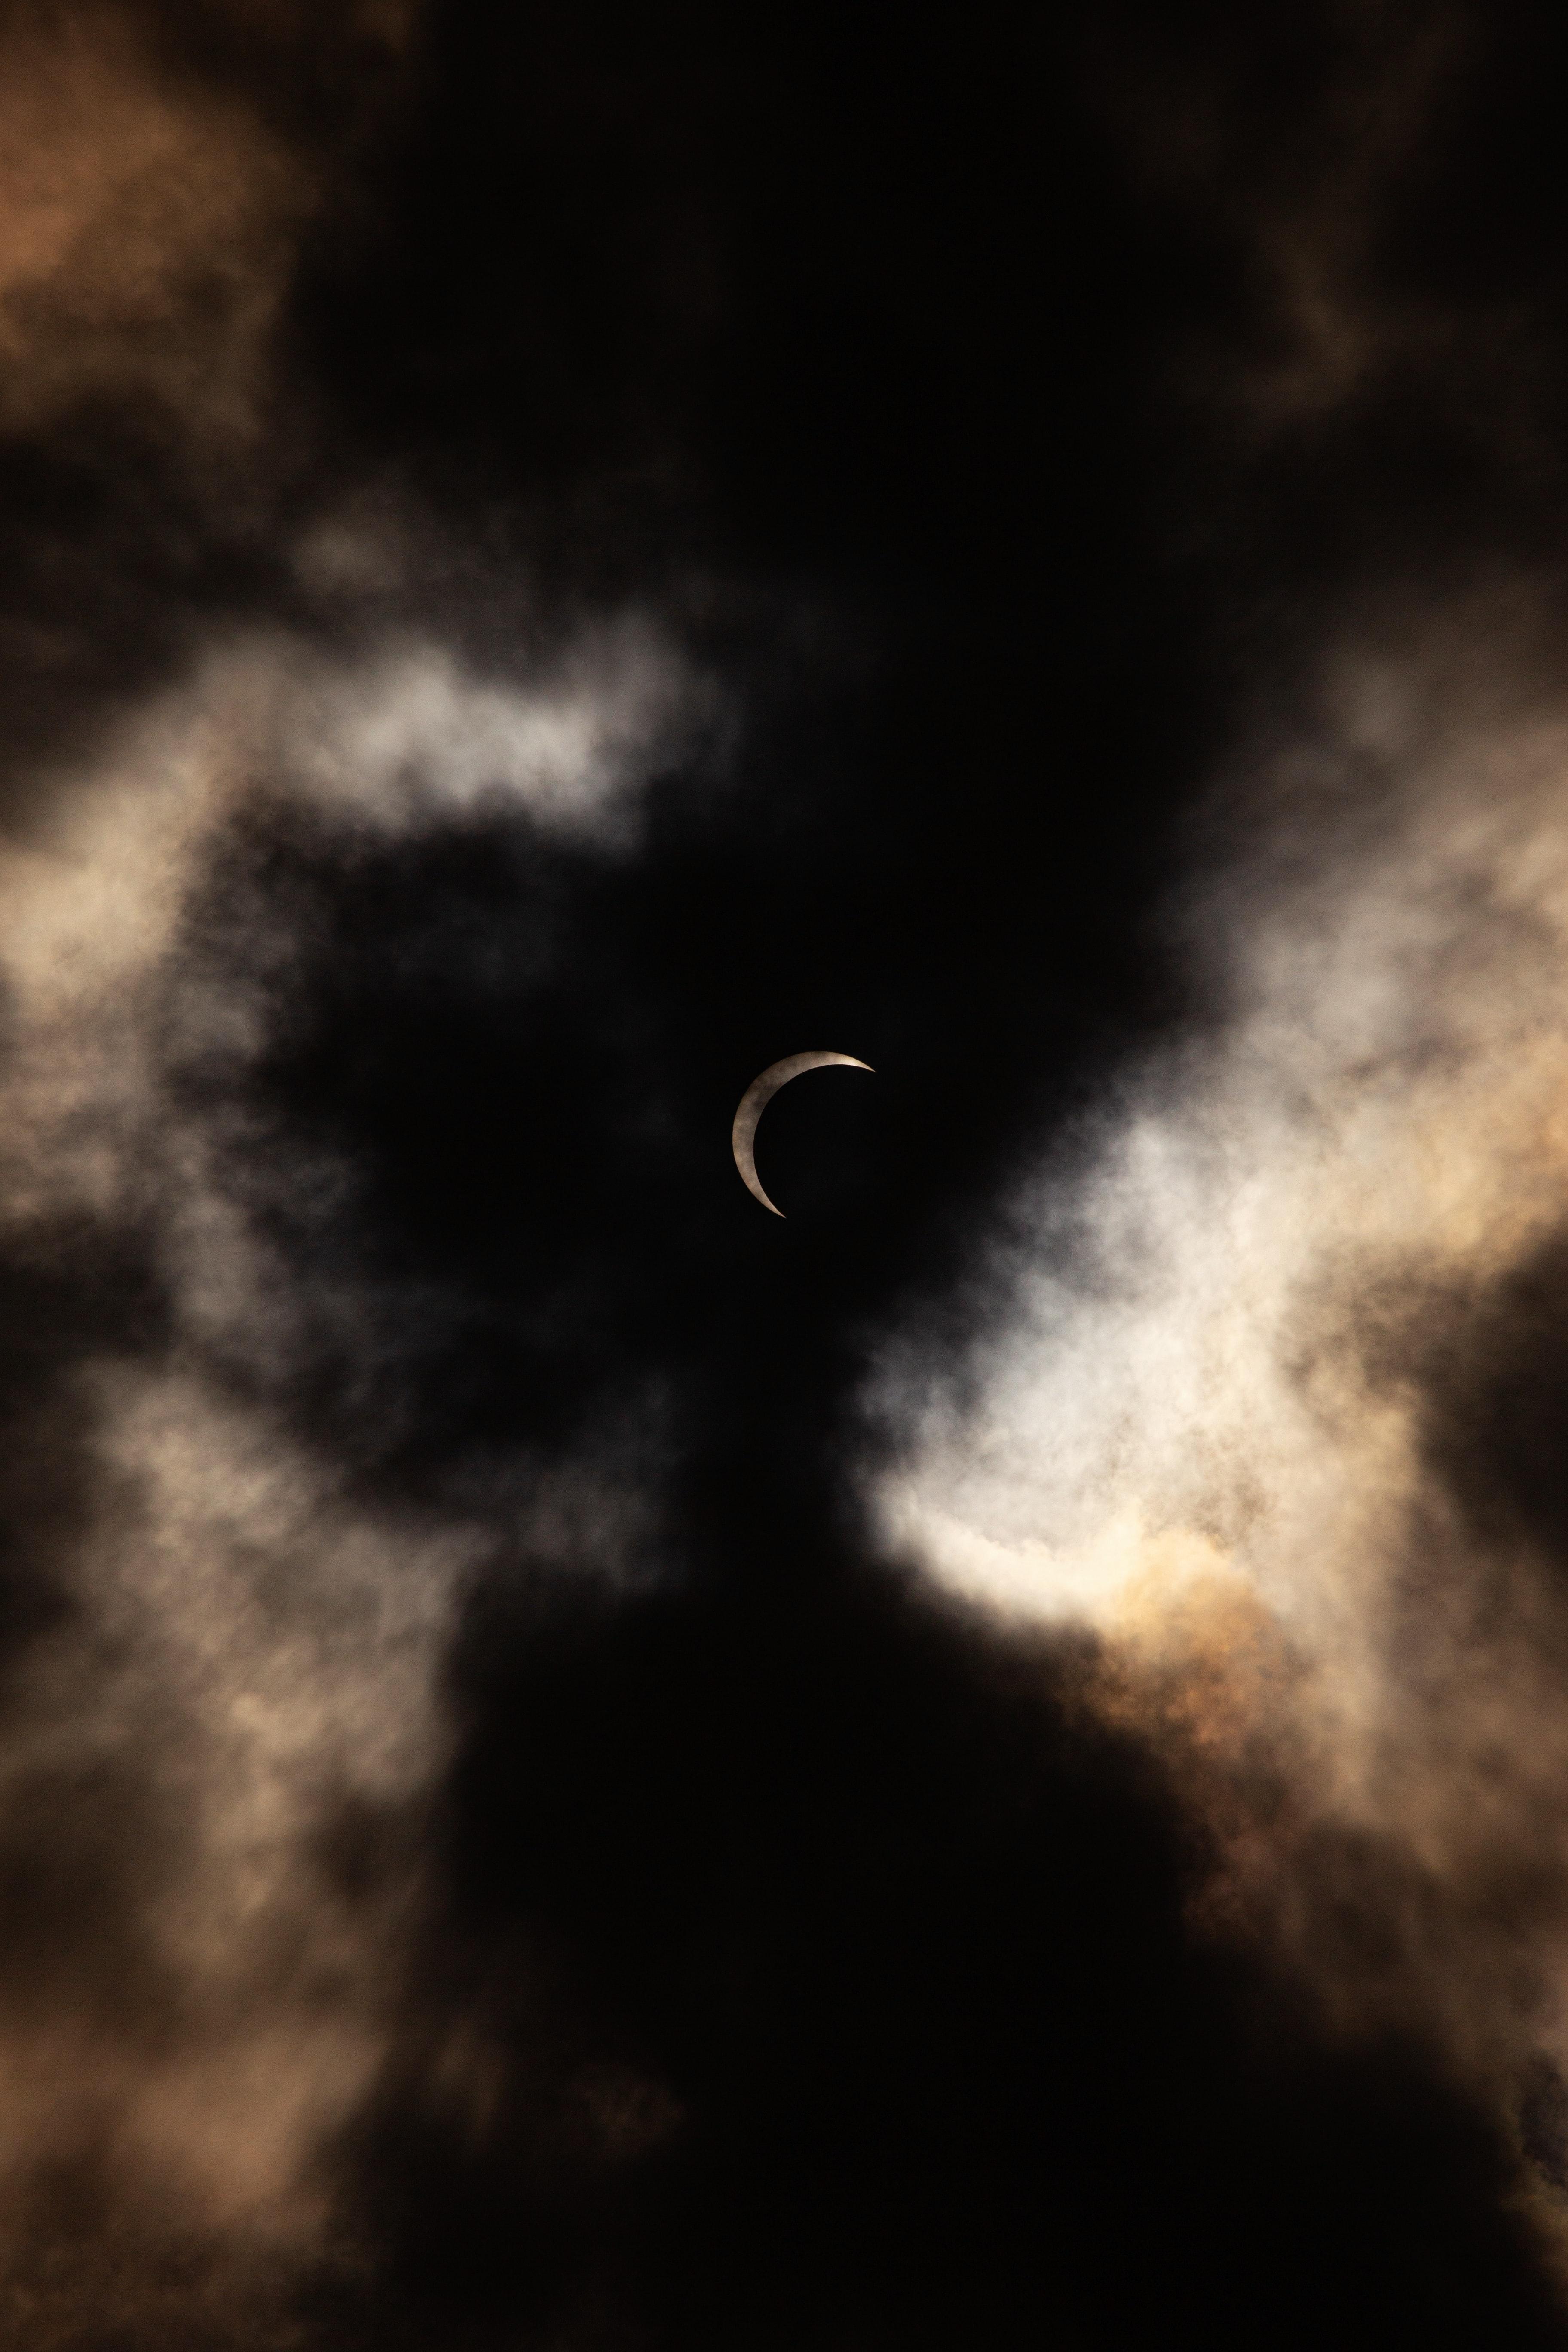 133962 免費下載壁紙 黑暗的, 黑暗, 月球, 云, 夜 屏保和圖片